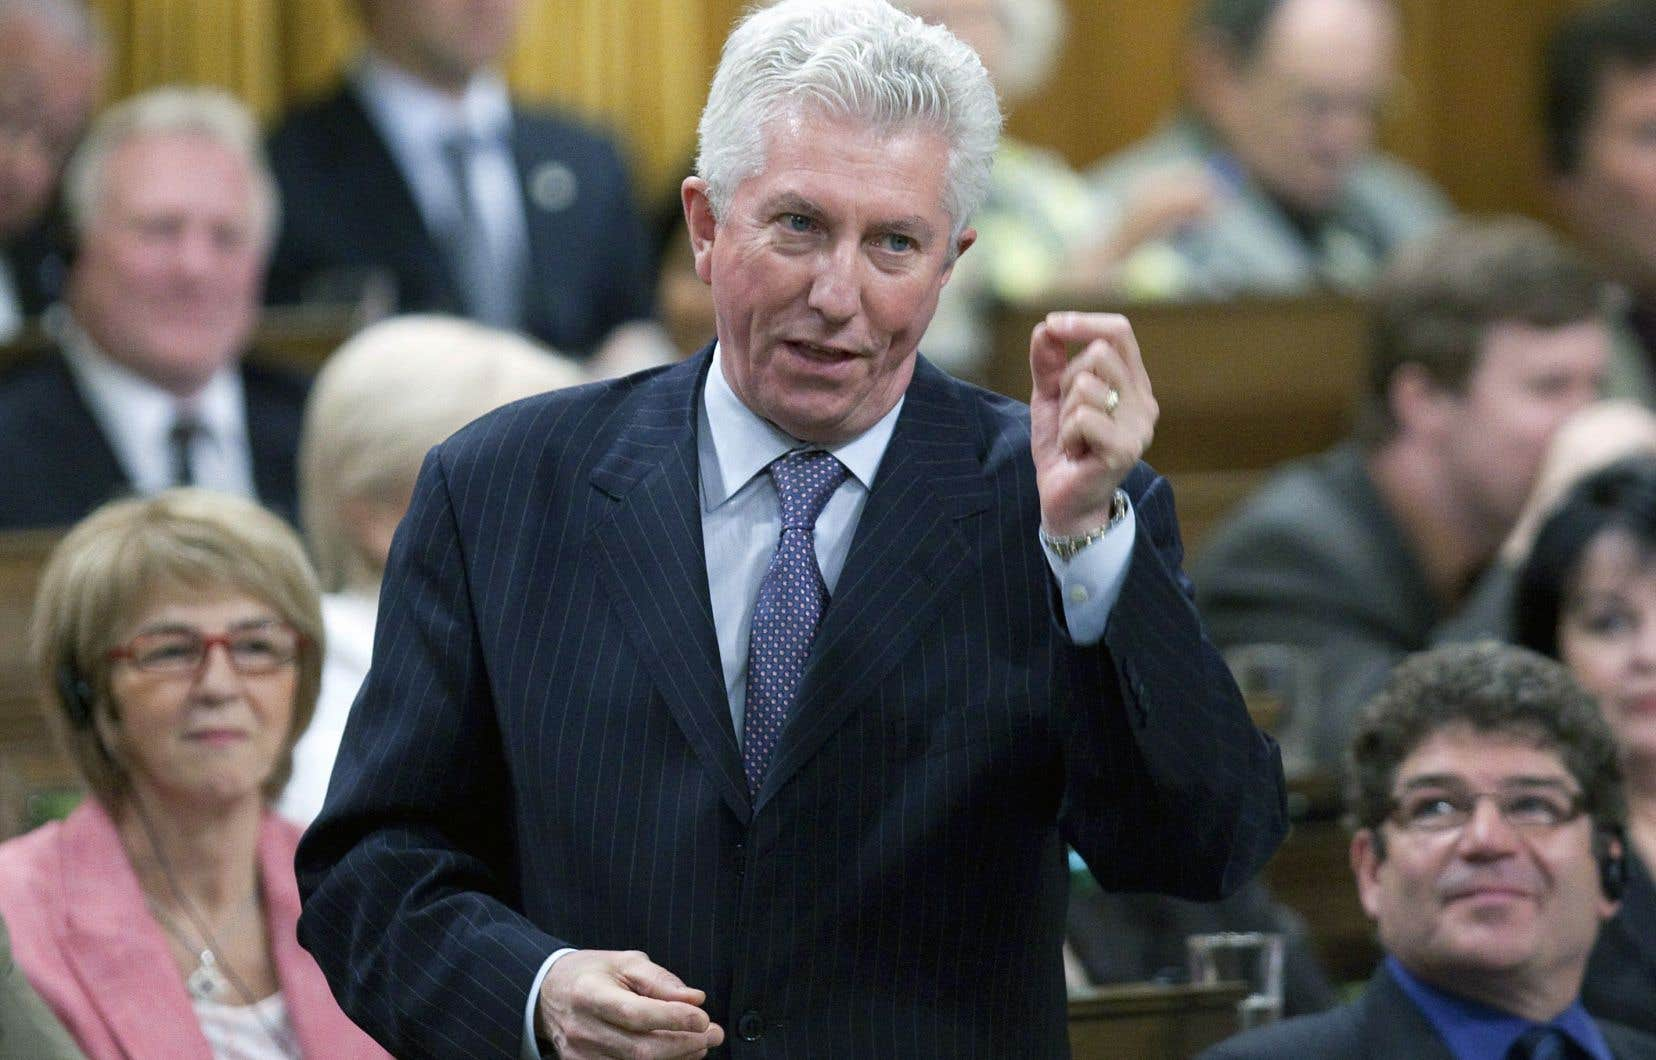 La chef du Bloc québécois, Martine Ouellet, affaiblit la voix du Québec à Ottawa au moment même où il a besoin d'une voix forte. Elle doit partir, estiment Gilles Duceppe (sur la photo) et plusieurs autres députés du parti.